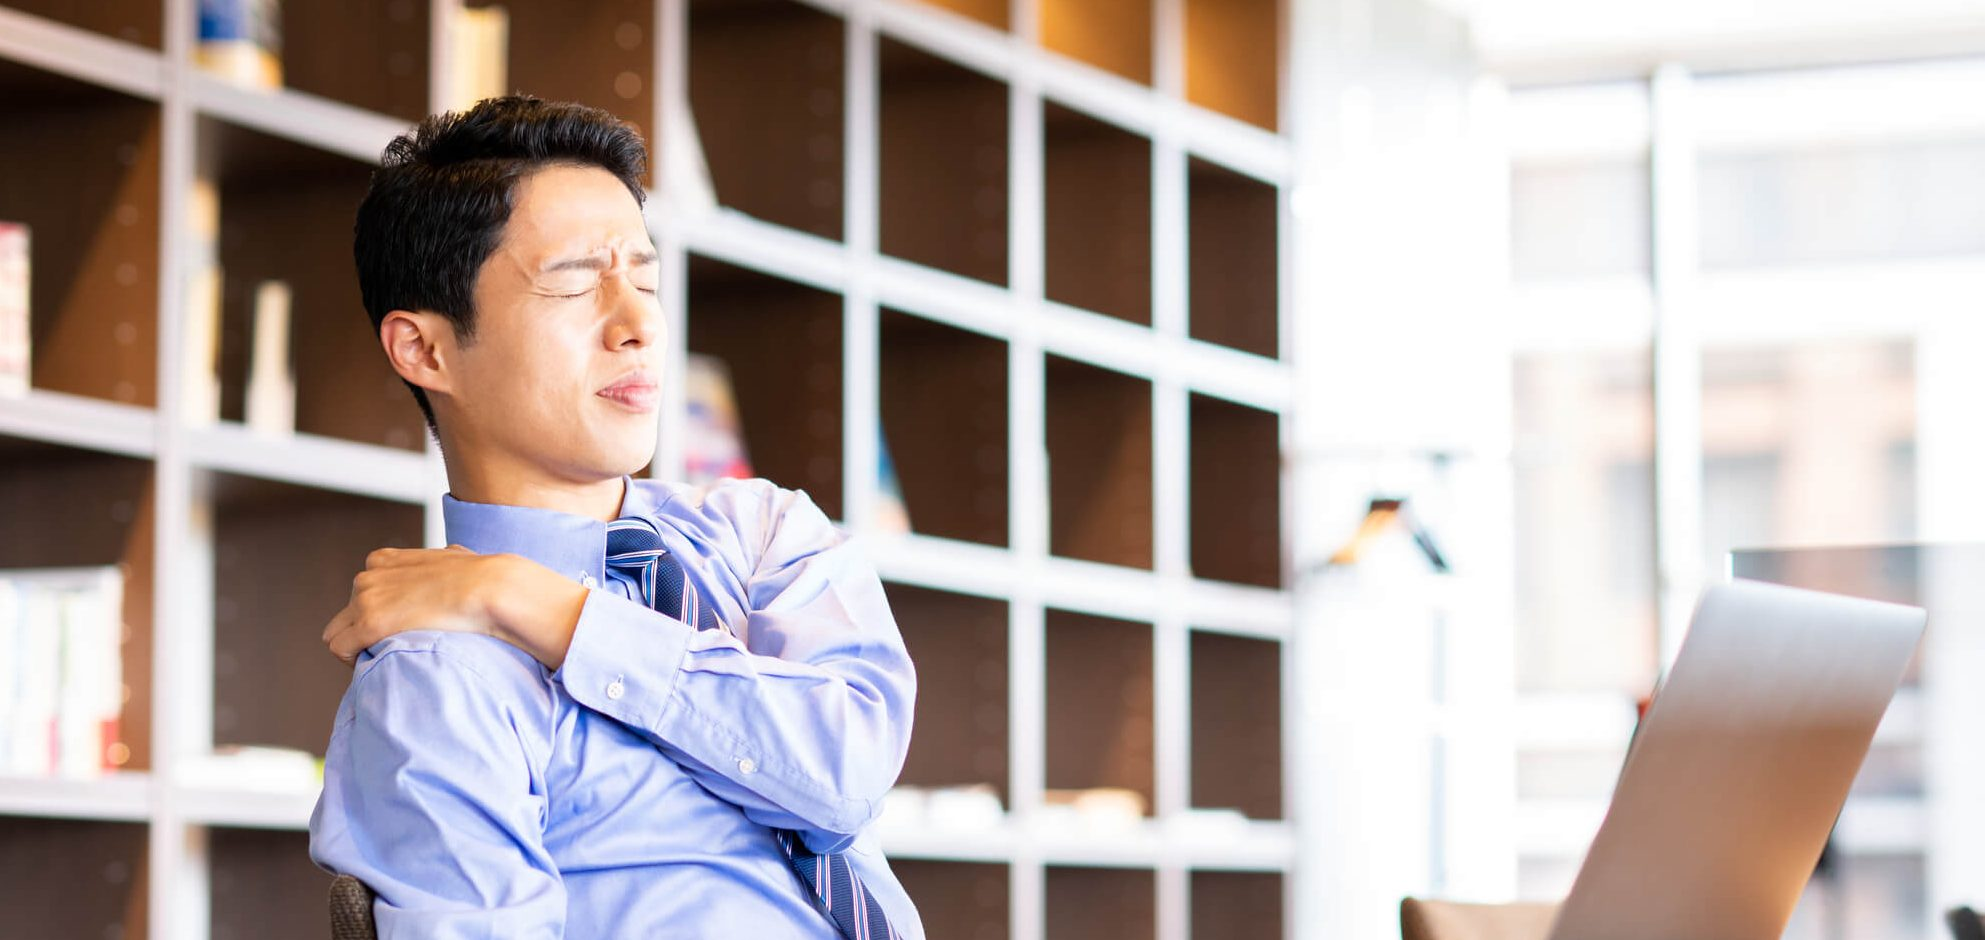 噛み合わせの影響|石川町のマリーンデンタルクリニック